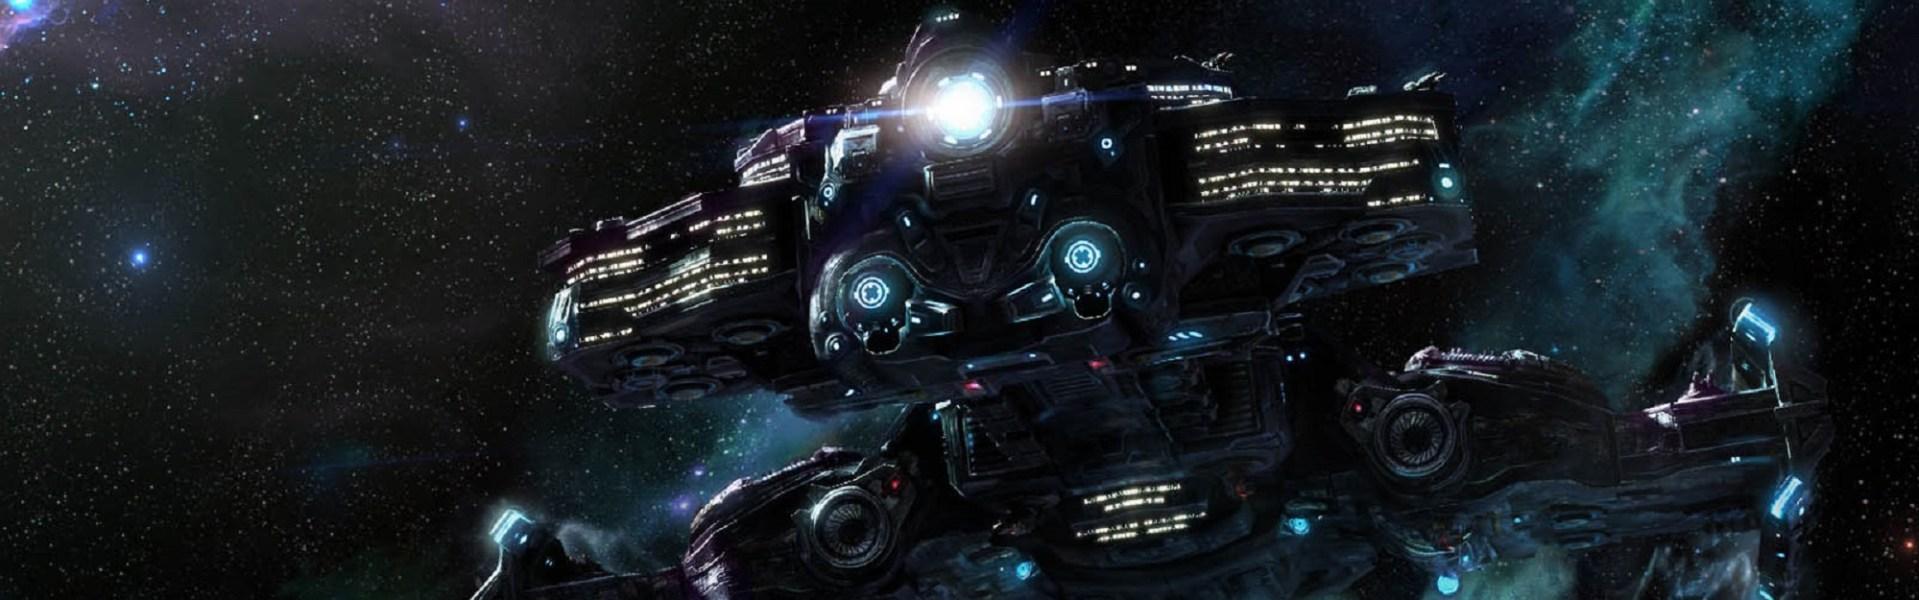 loading-hyperion3-full